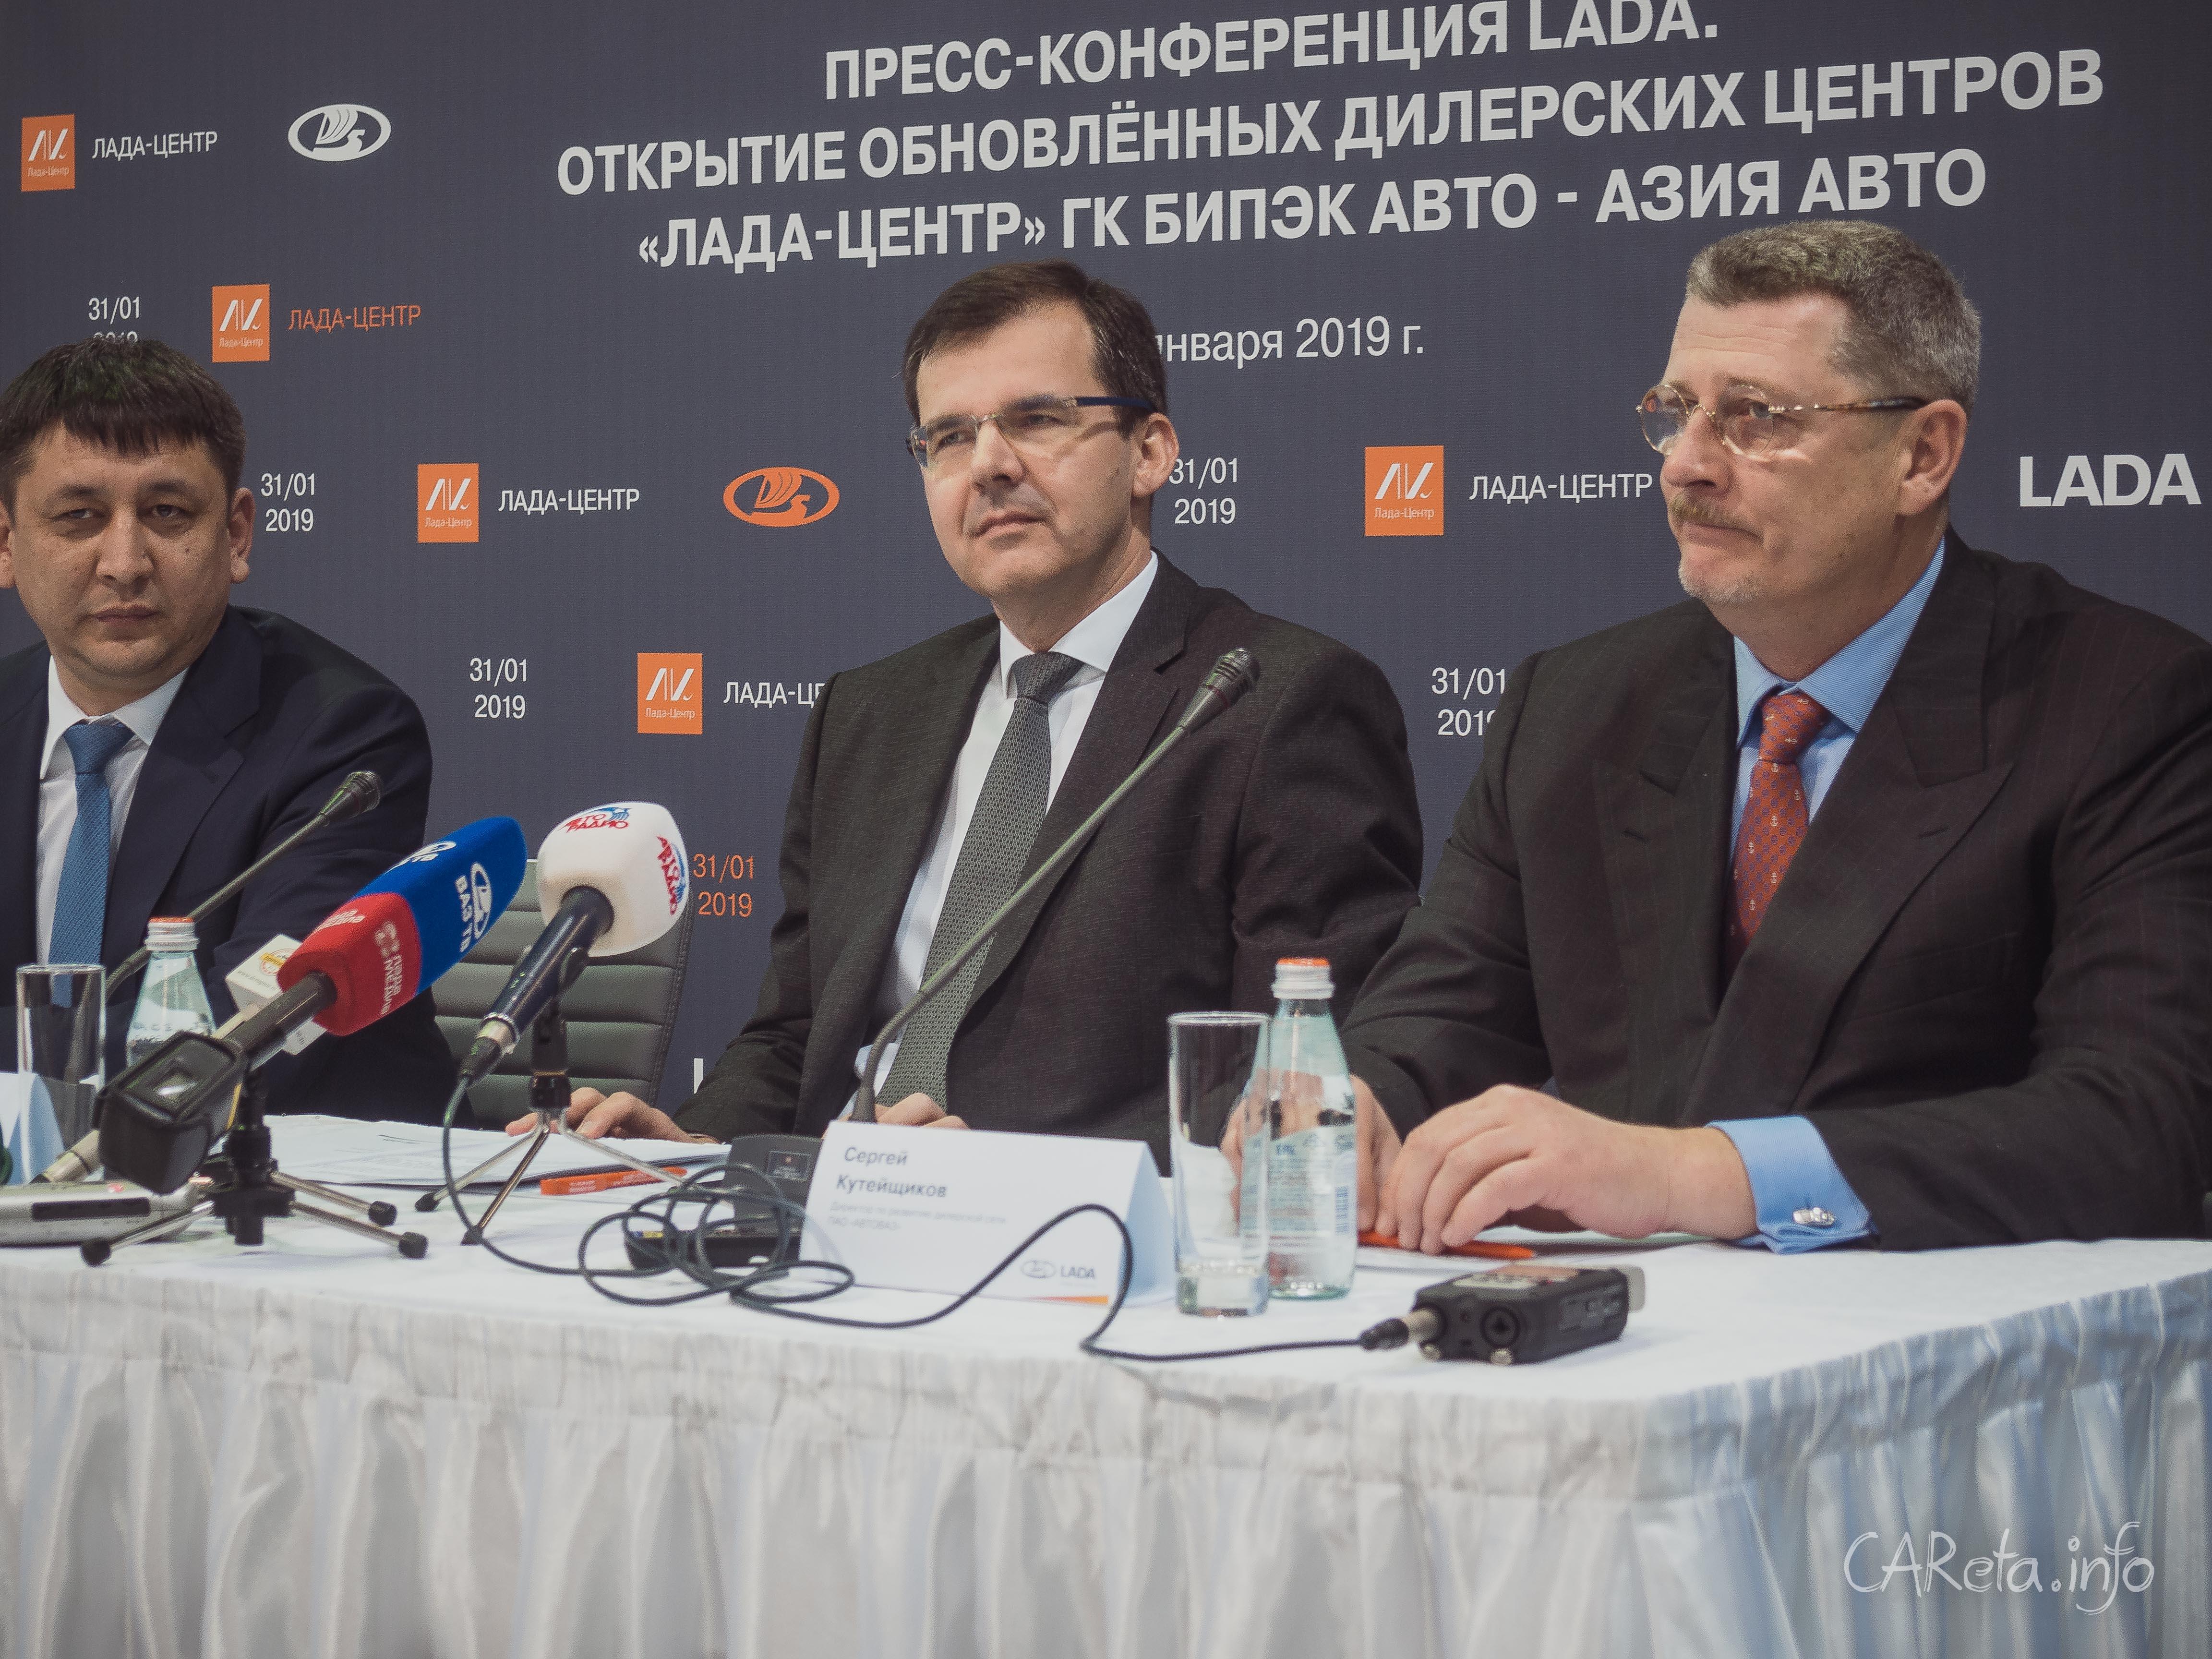 Президент АВТОВАЗа открыл обновленный дилерский центр LADA в Петербурге